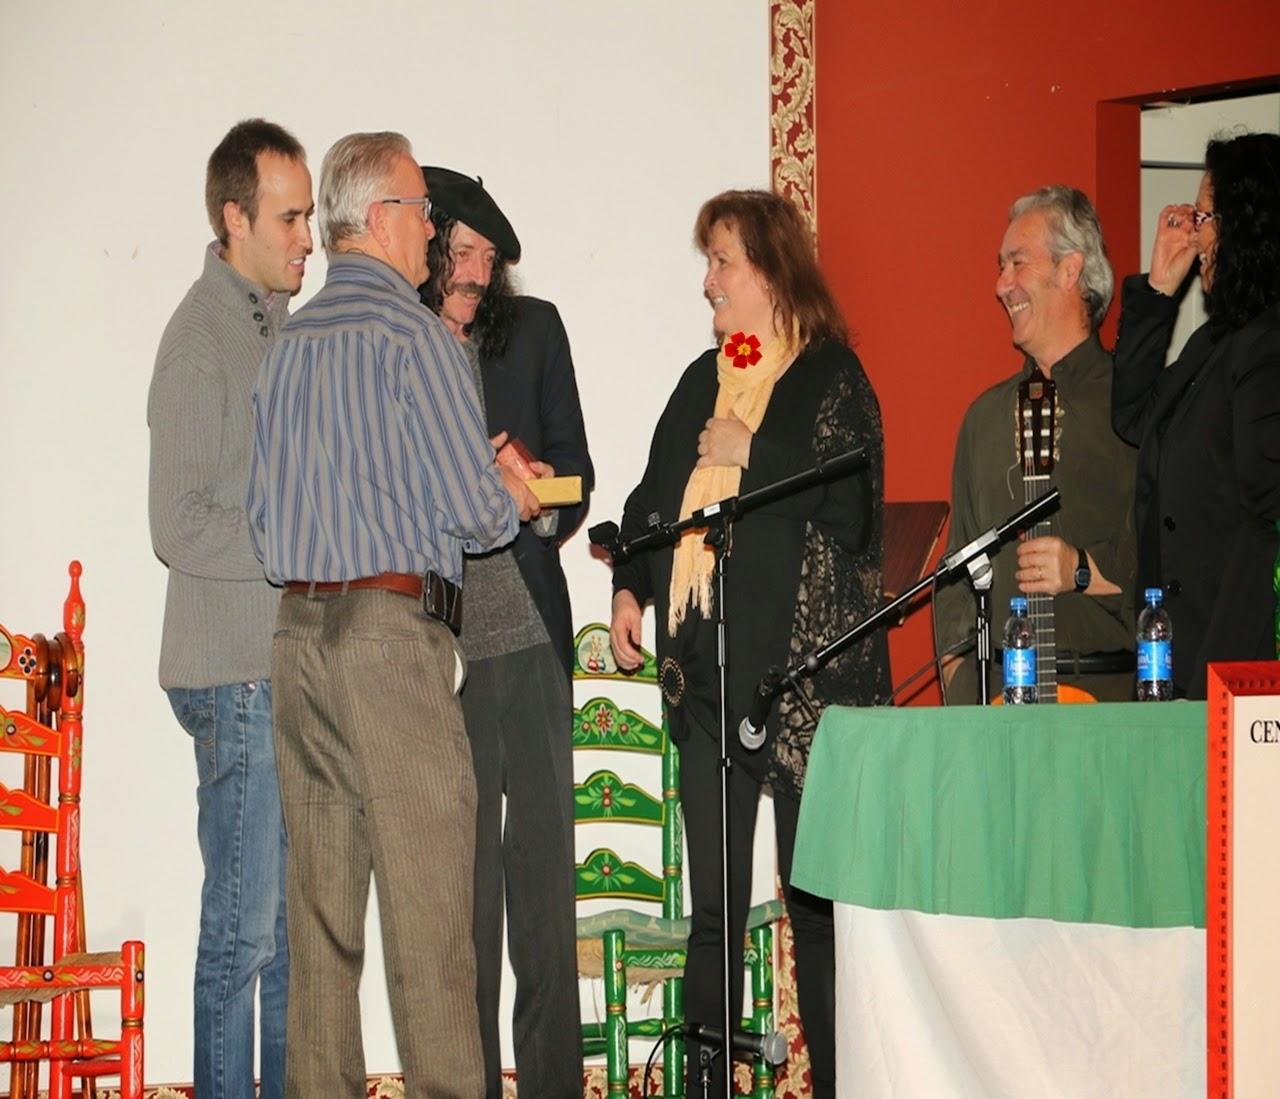 PRESENTACIÓN EN VITORIA EL 15-11-2014,  DE DOS LIBROS